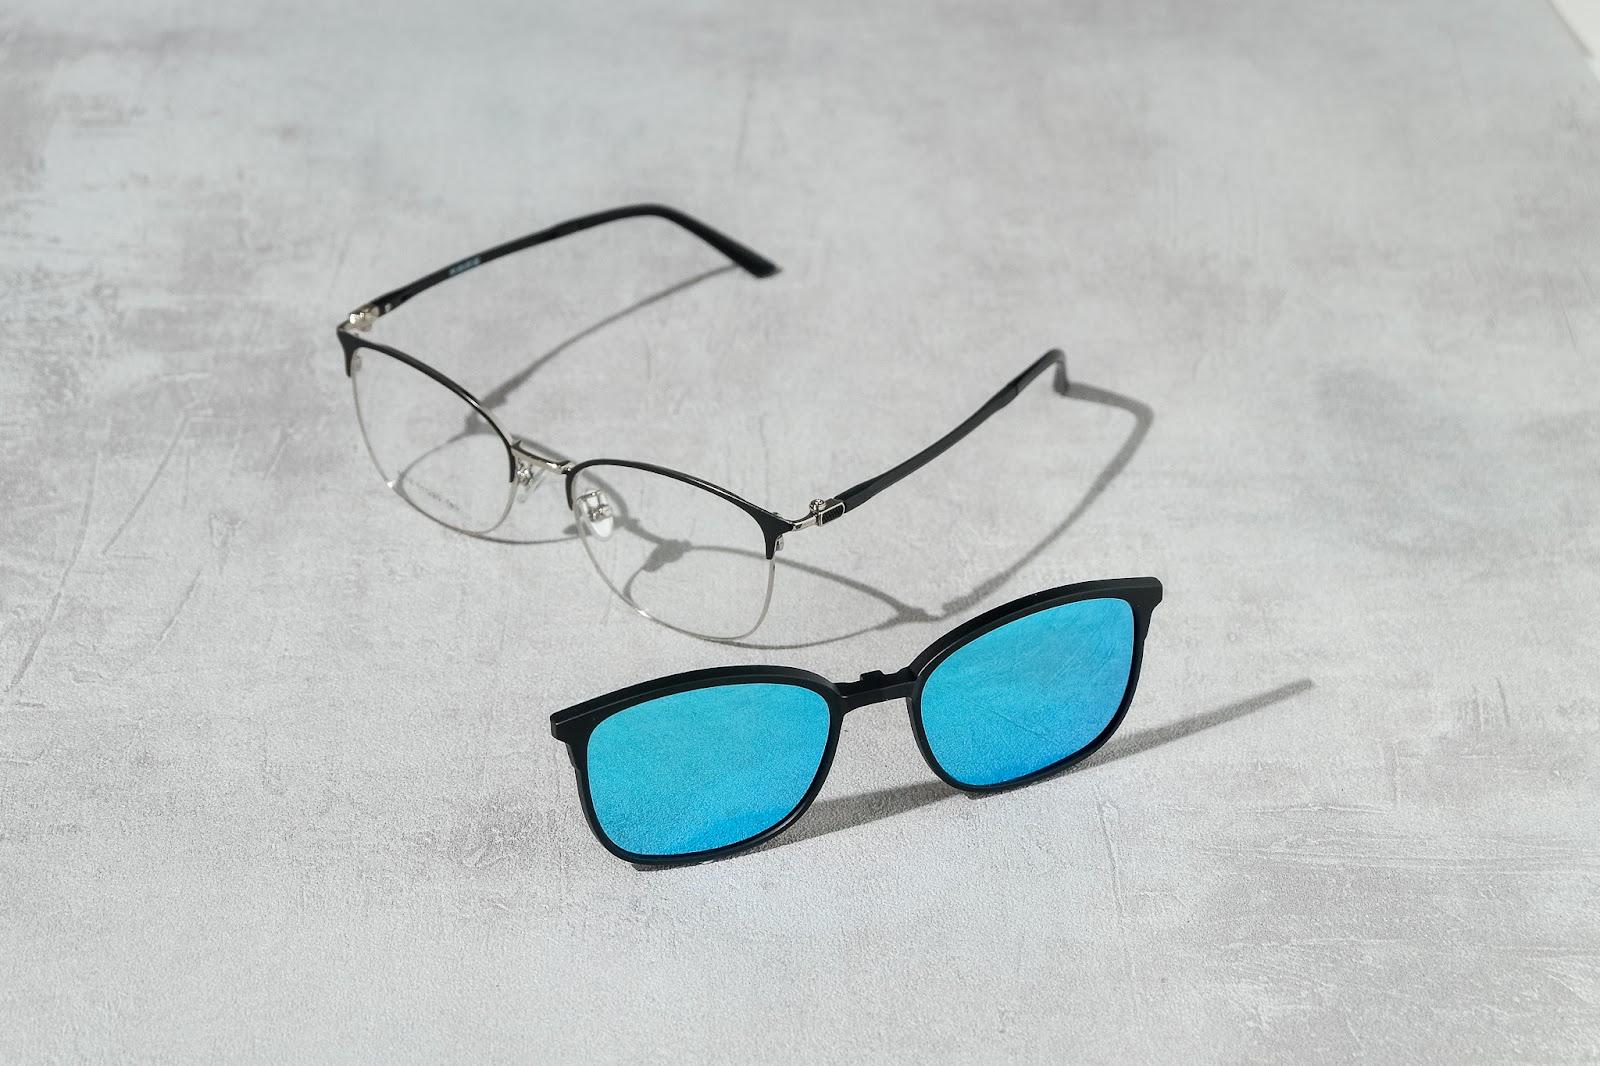 kính râm kẹp kính cận